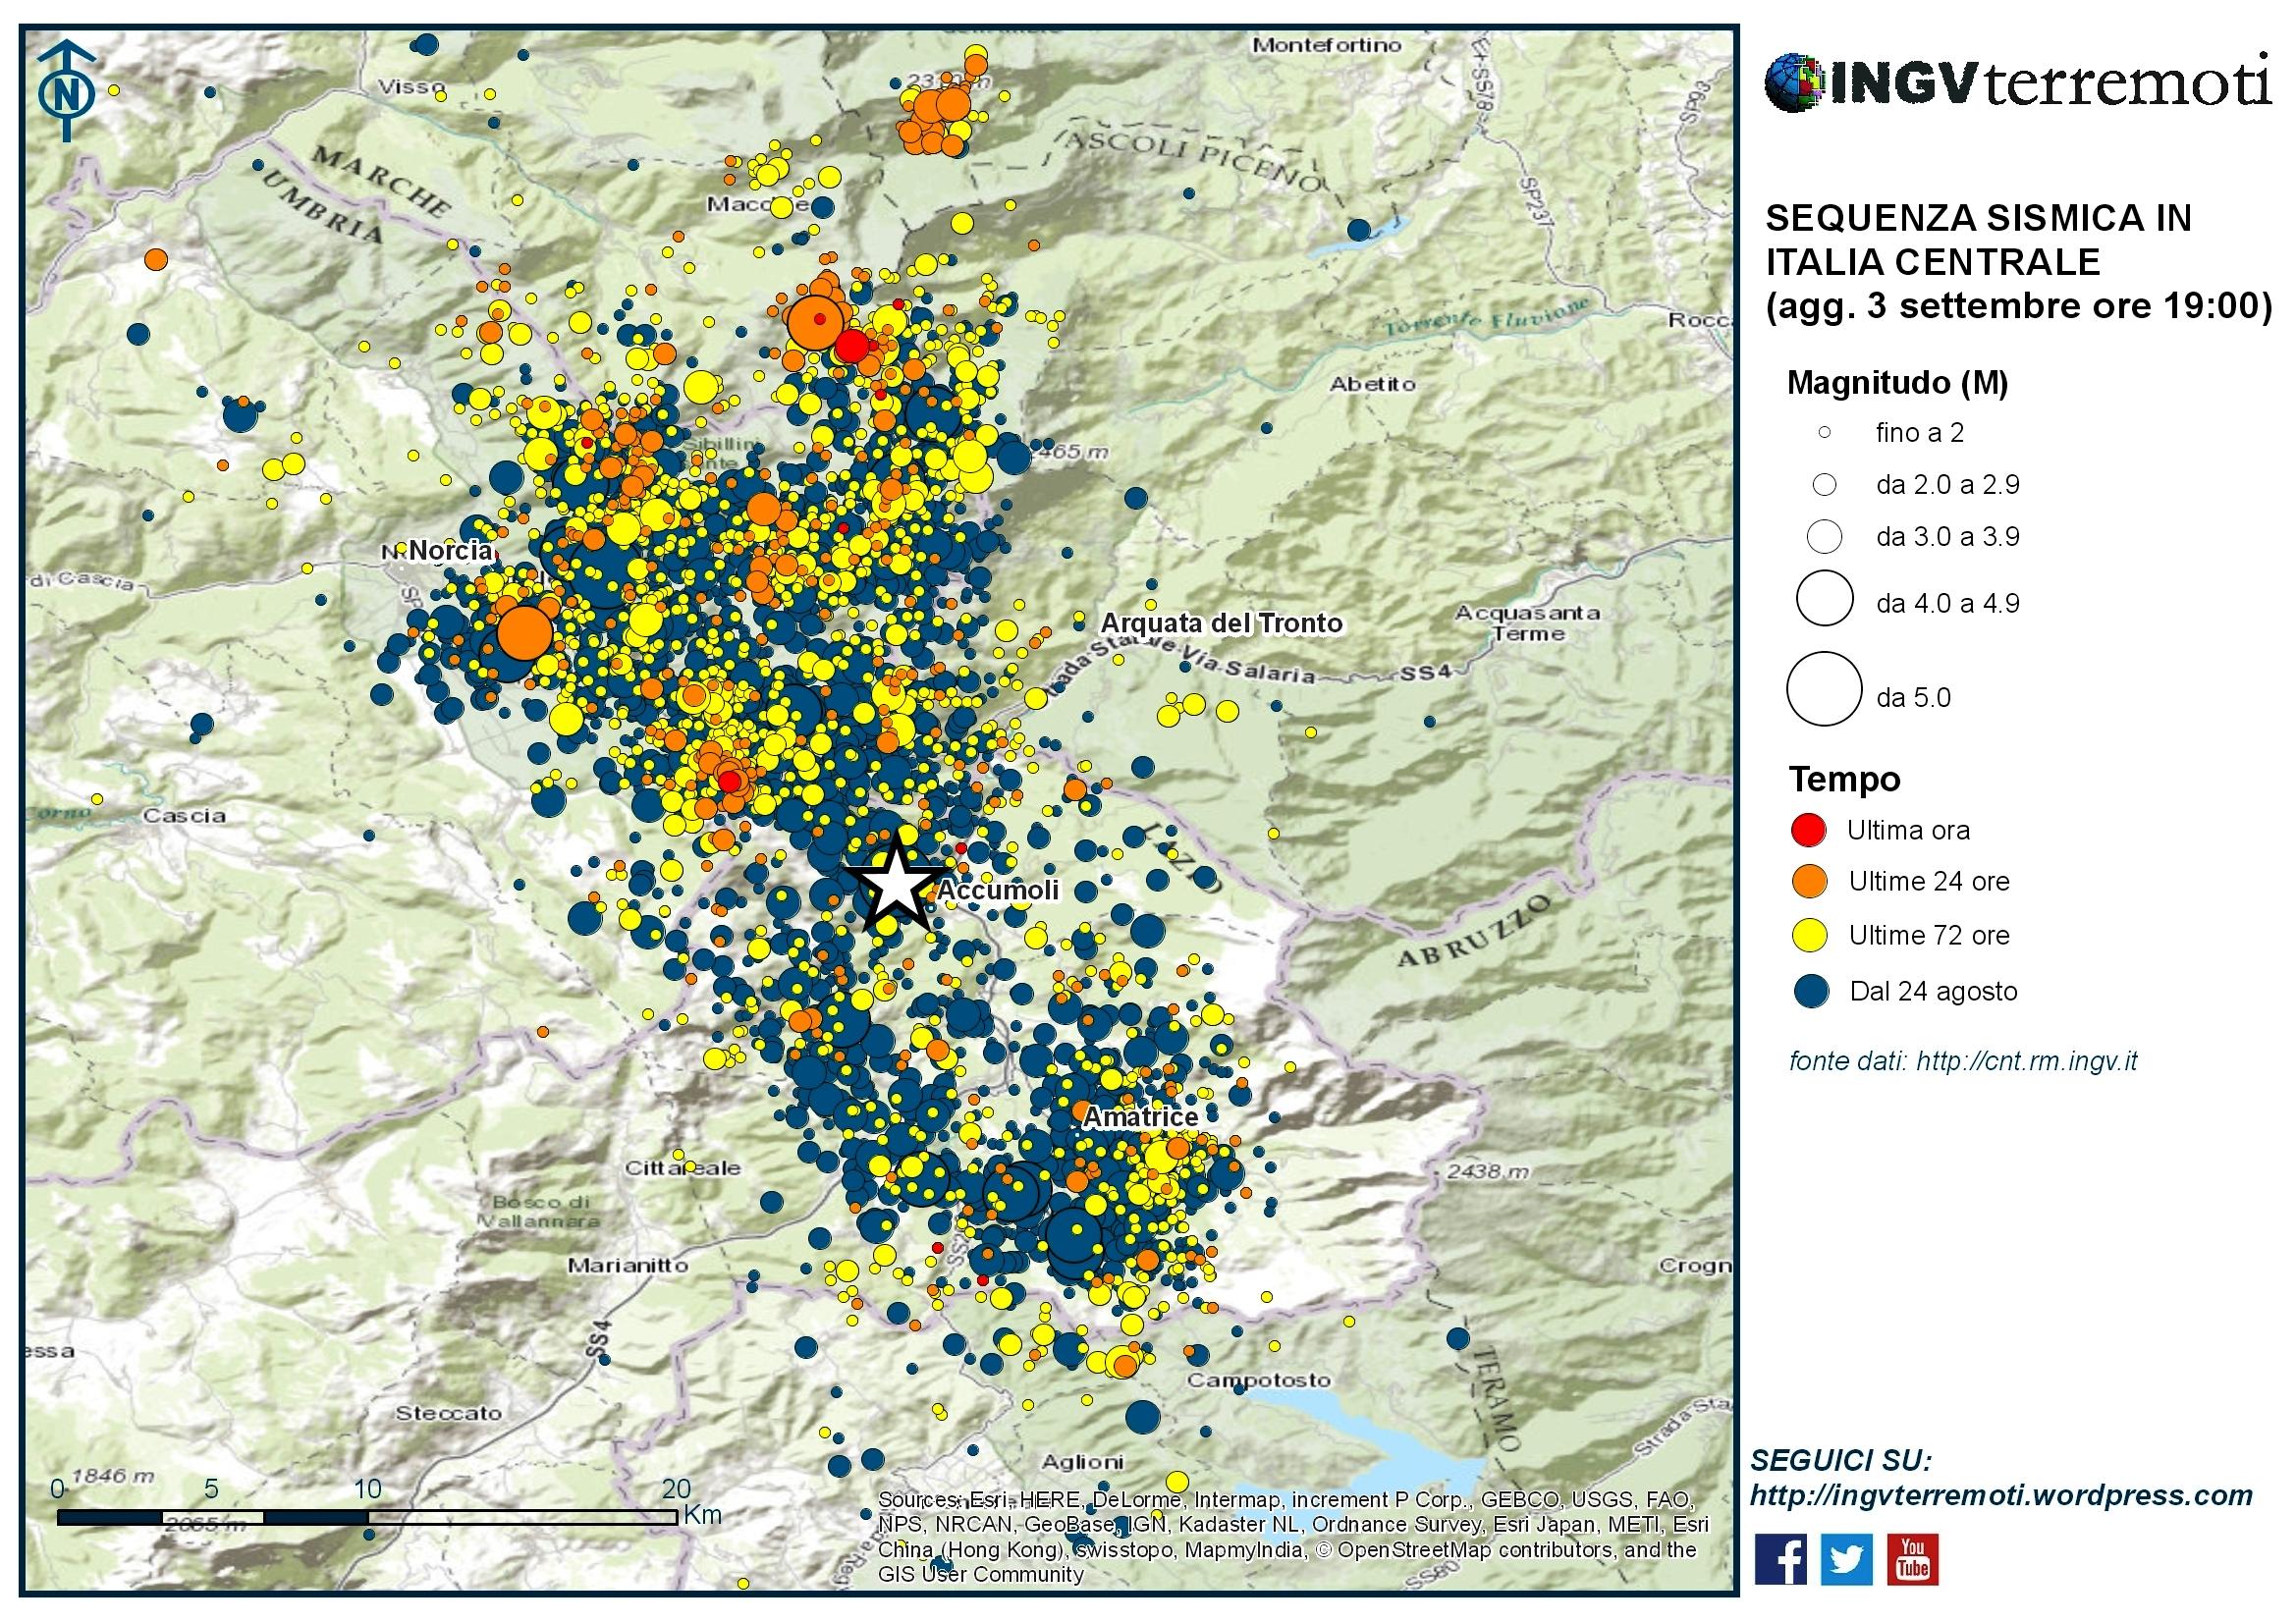 Sequenza sismica in Italia centrale: aggiornamento 3 settembre, ore 19:00